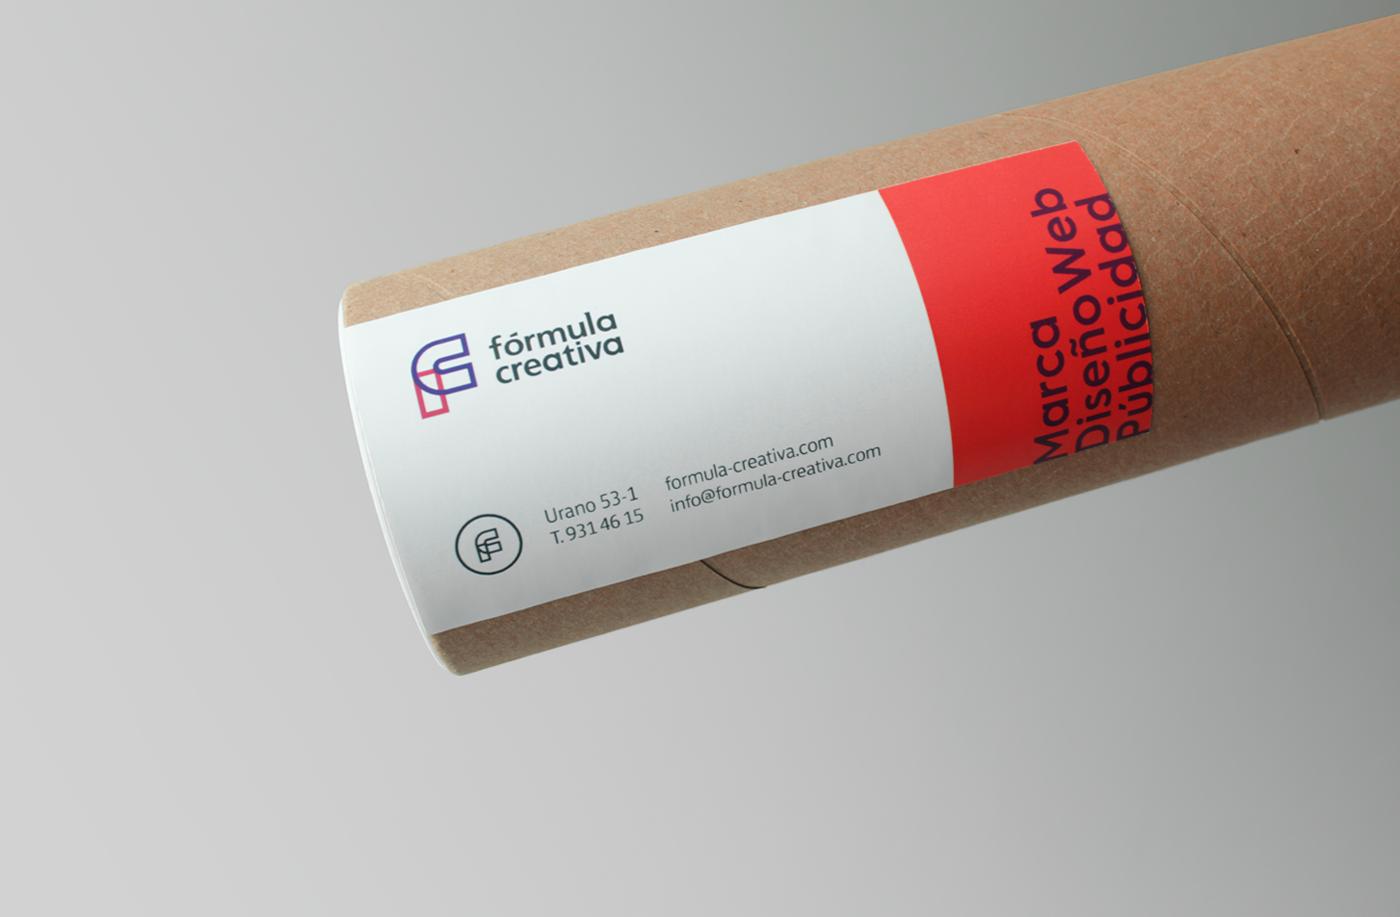 墨西哥设计工作室 Fórmula Creativa 品牌视觉设计 欣赏-第15张